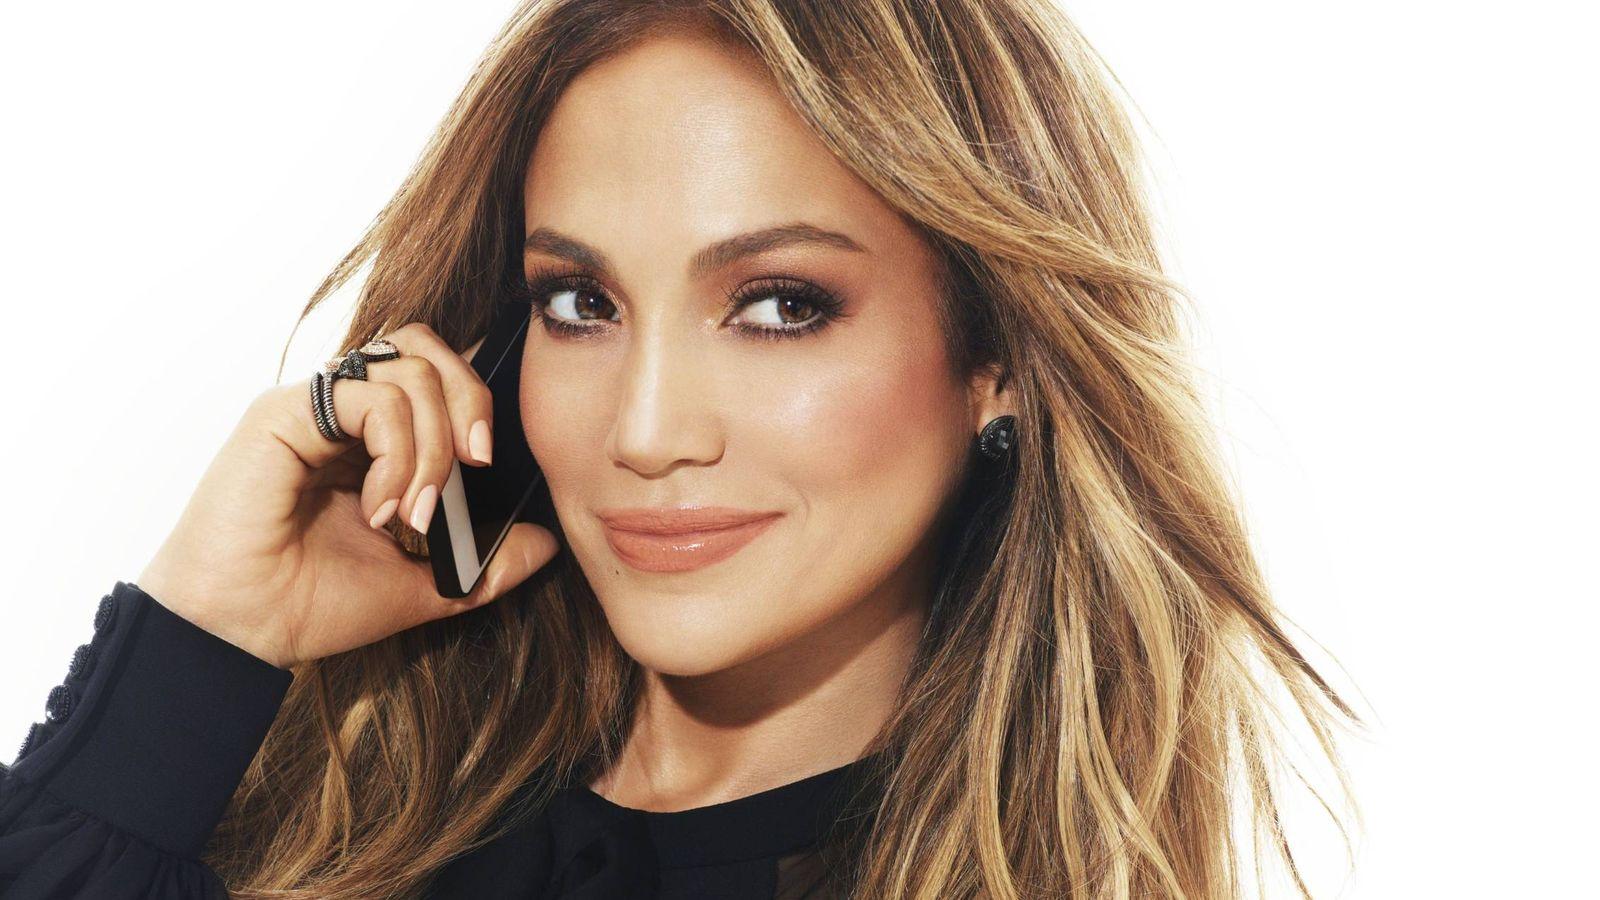 Foto: Jennifer Lopez 'Viva Movil'